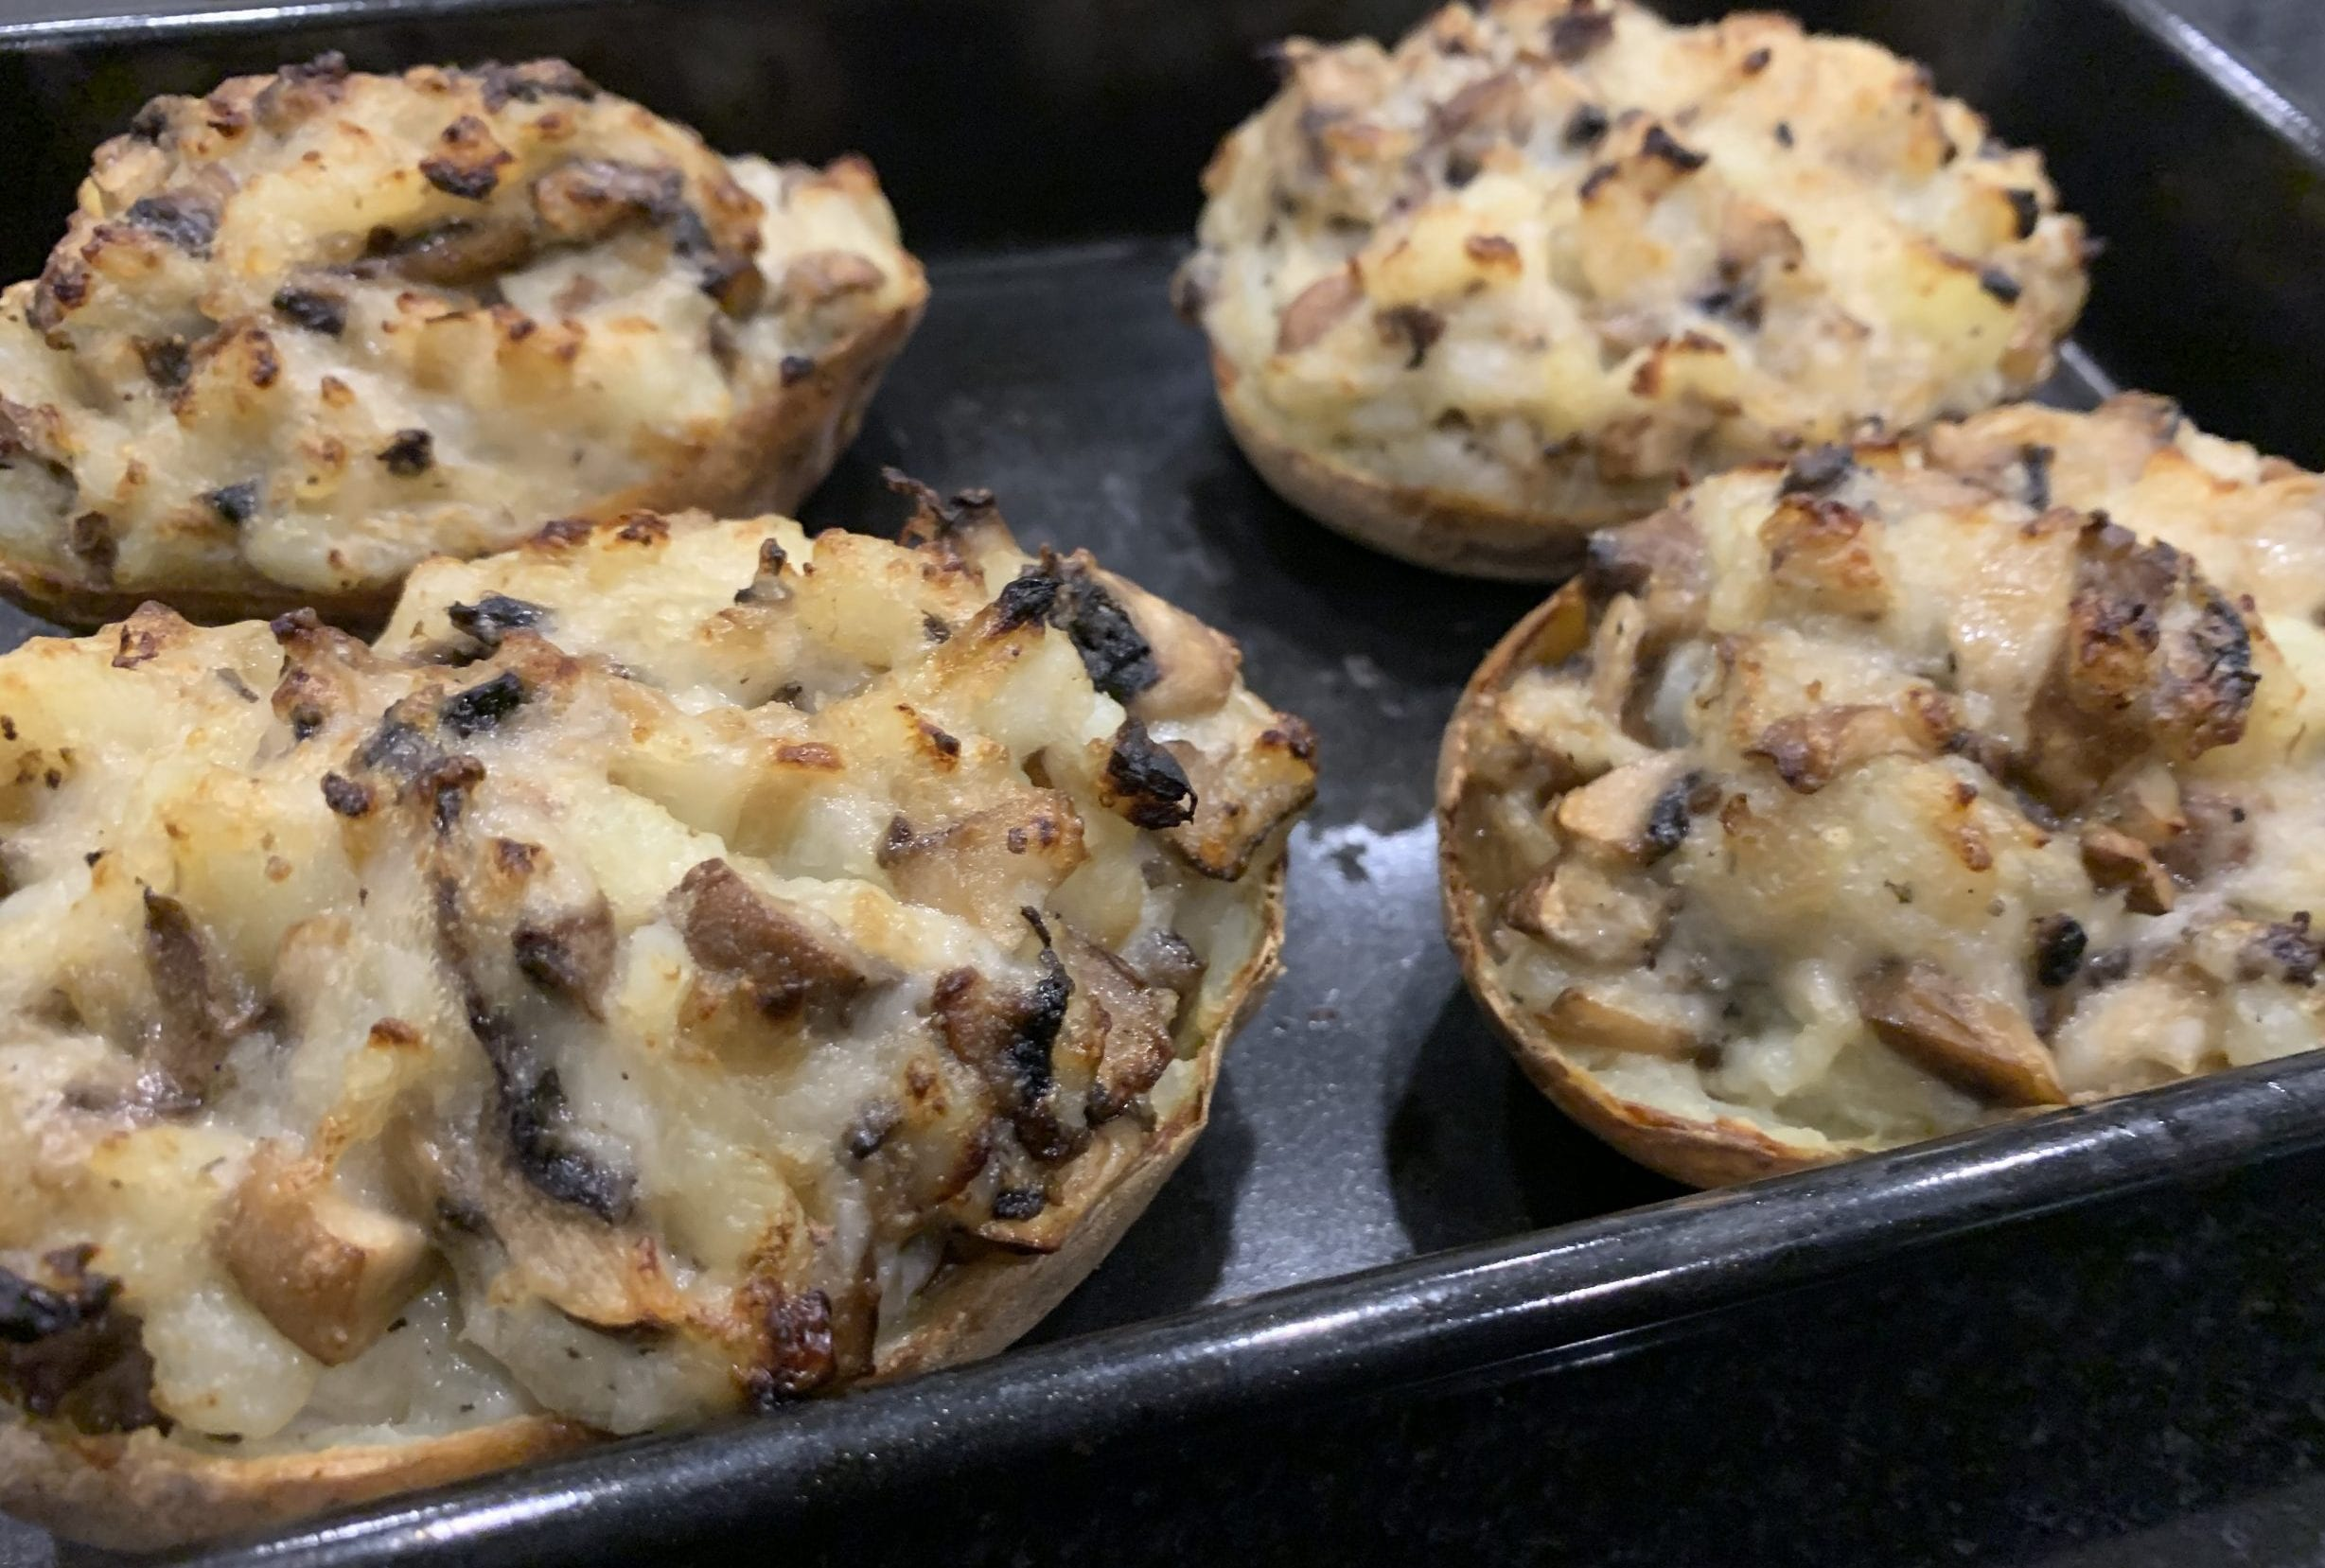 Mushroom stuffed Jacket potatoes